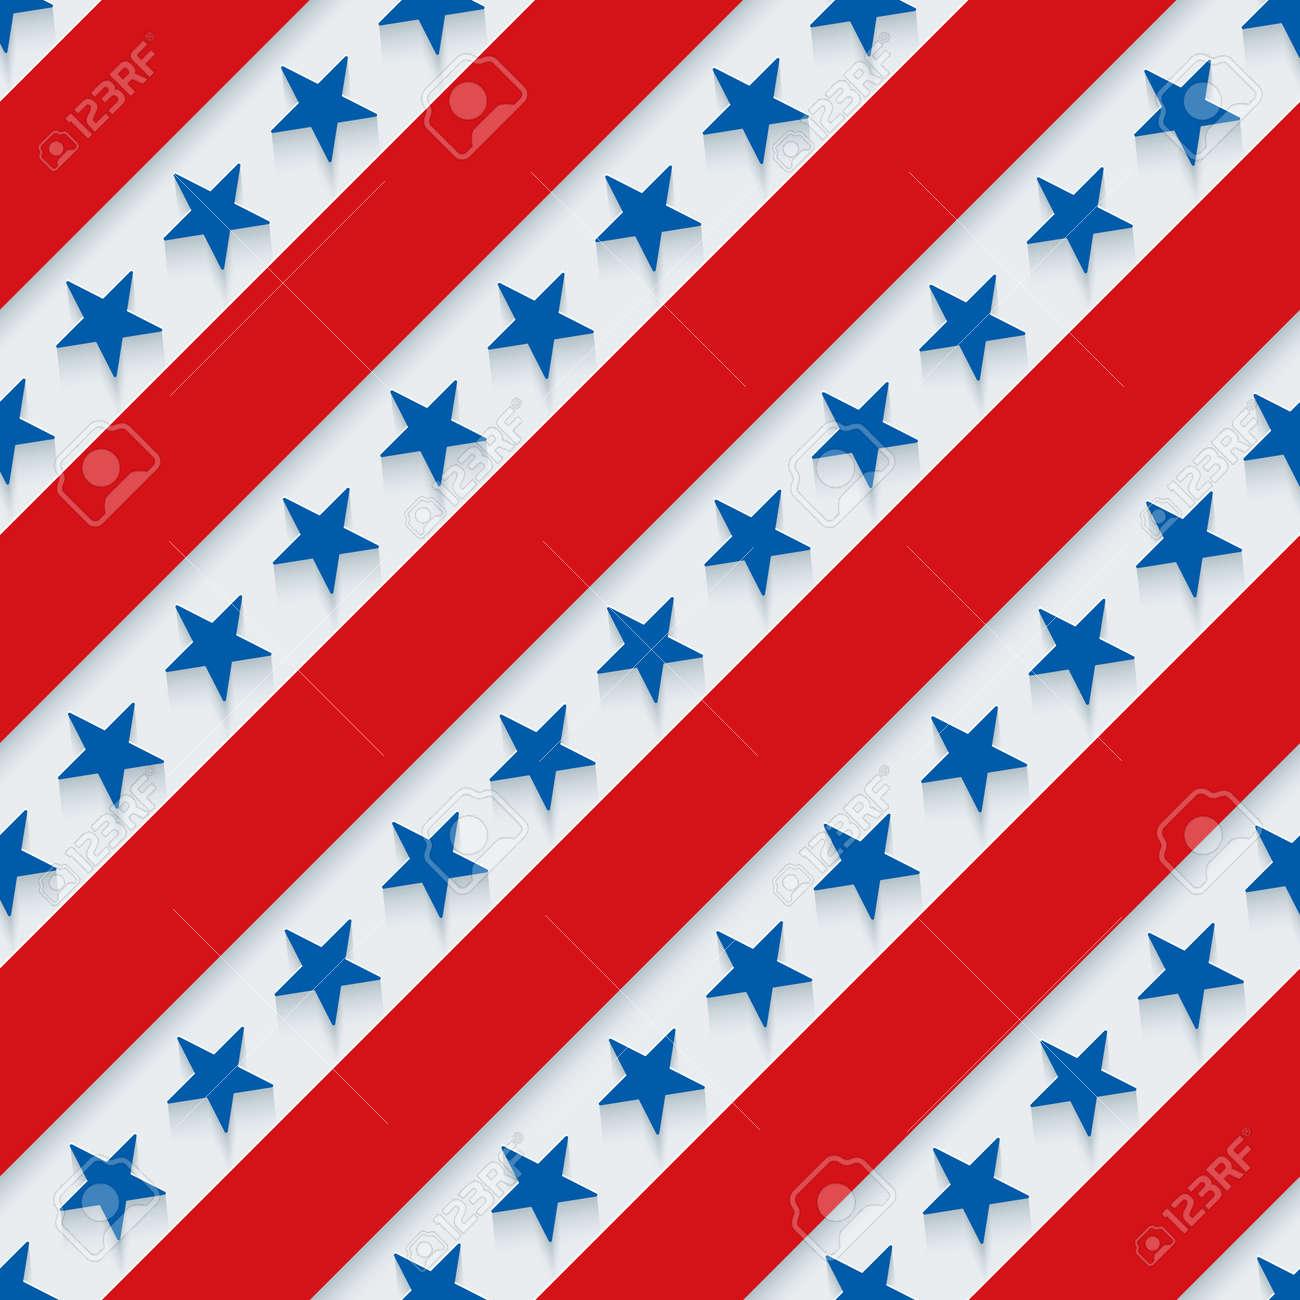 7 月 4 日 星条旗の壁紙 3 D のシームレスな背景 ベクトル Eps10